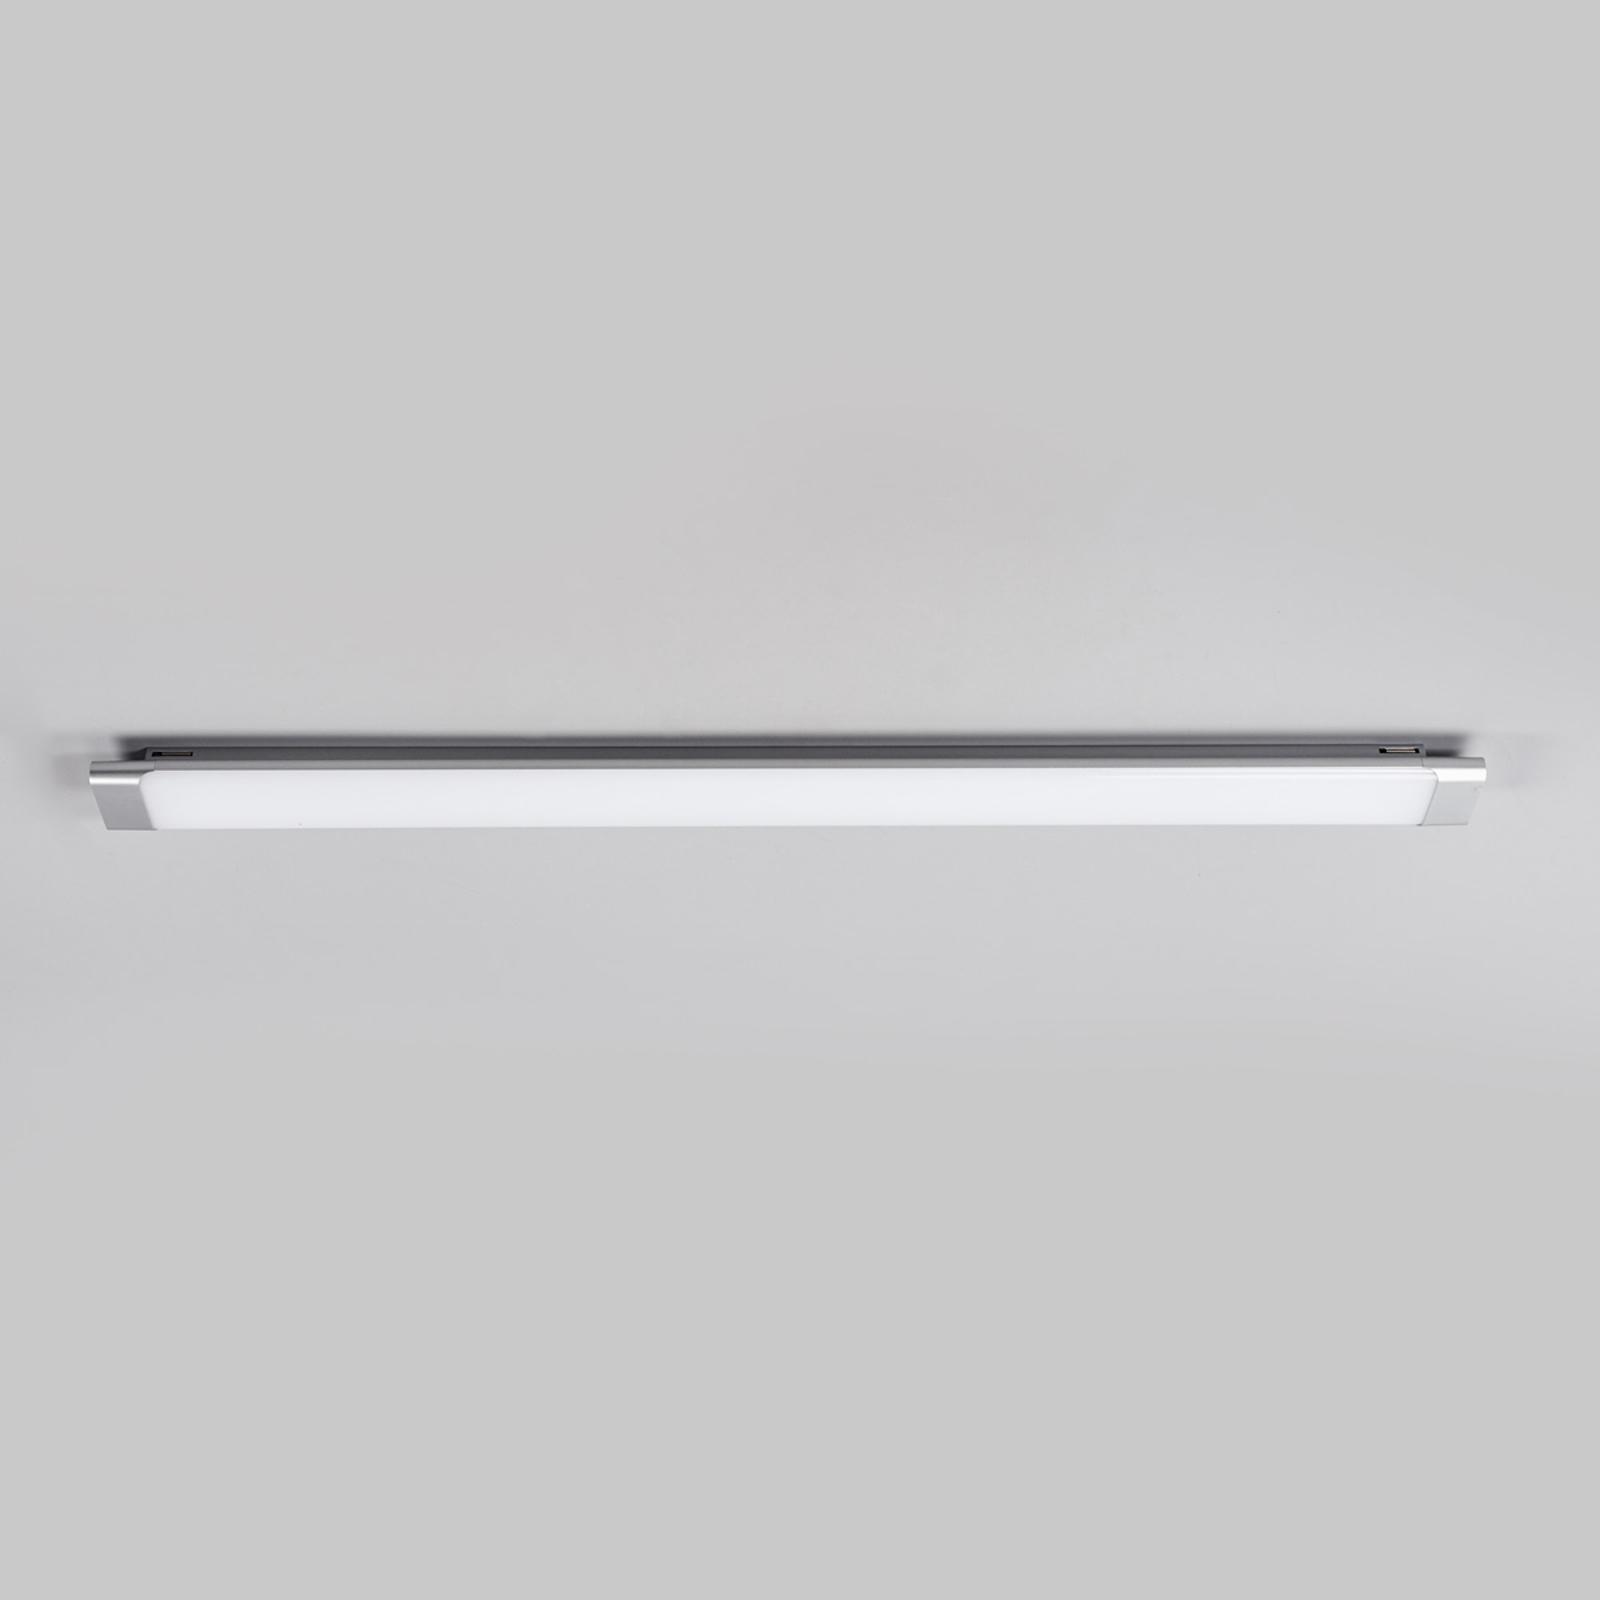 Vinca plafón LED, 120 cm